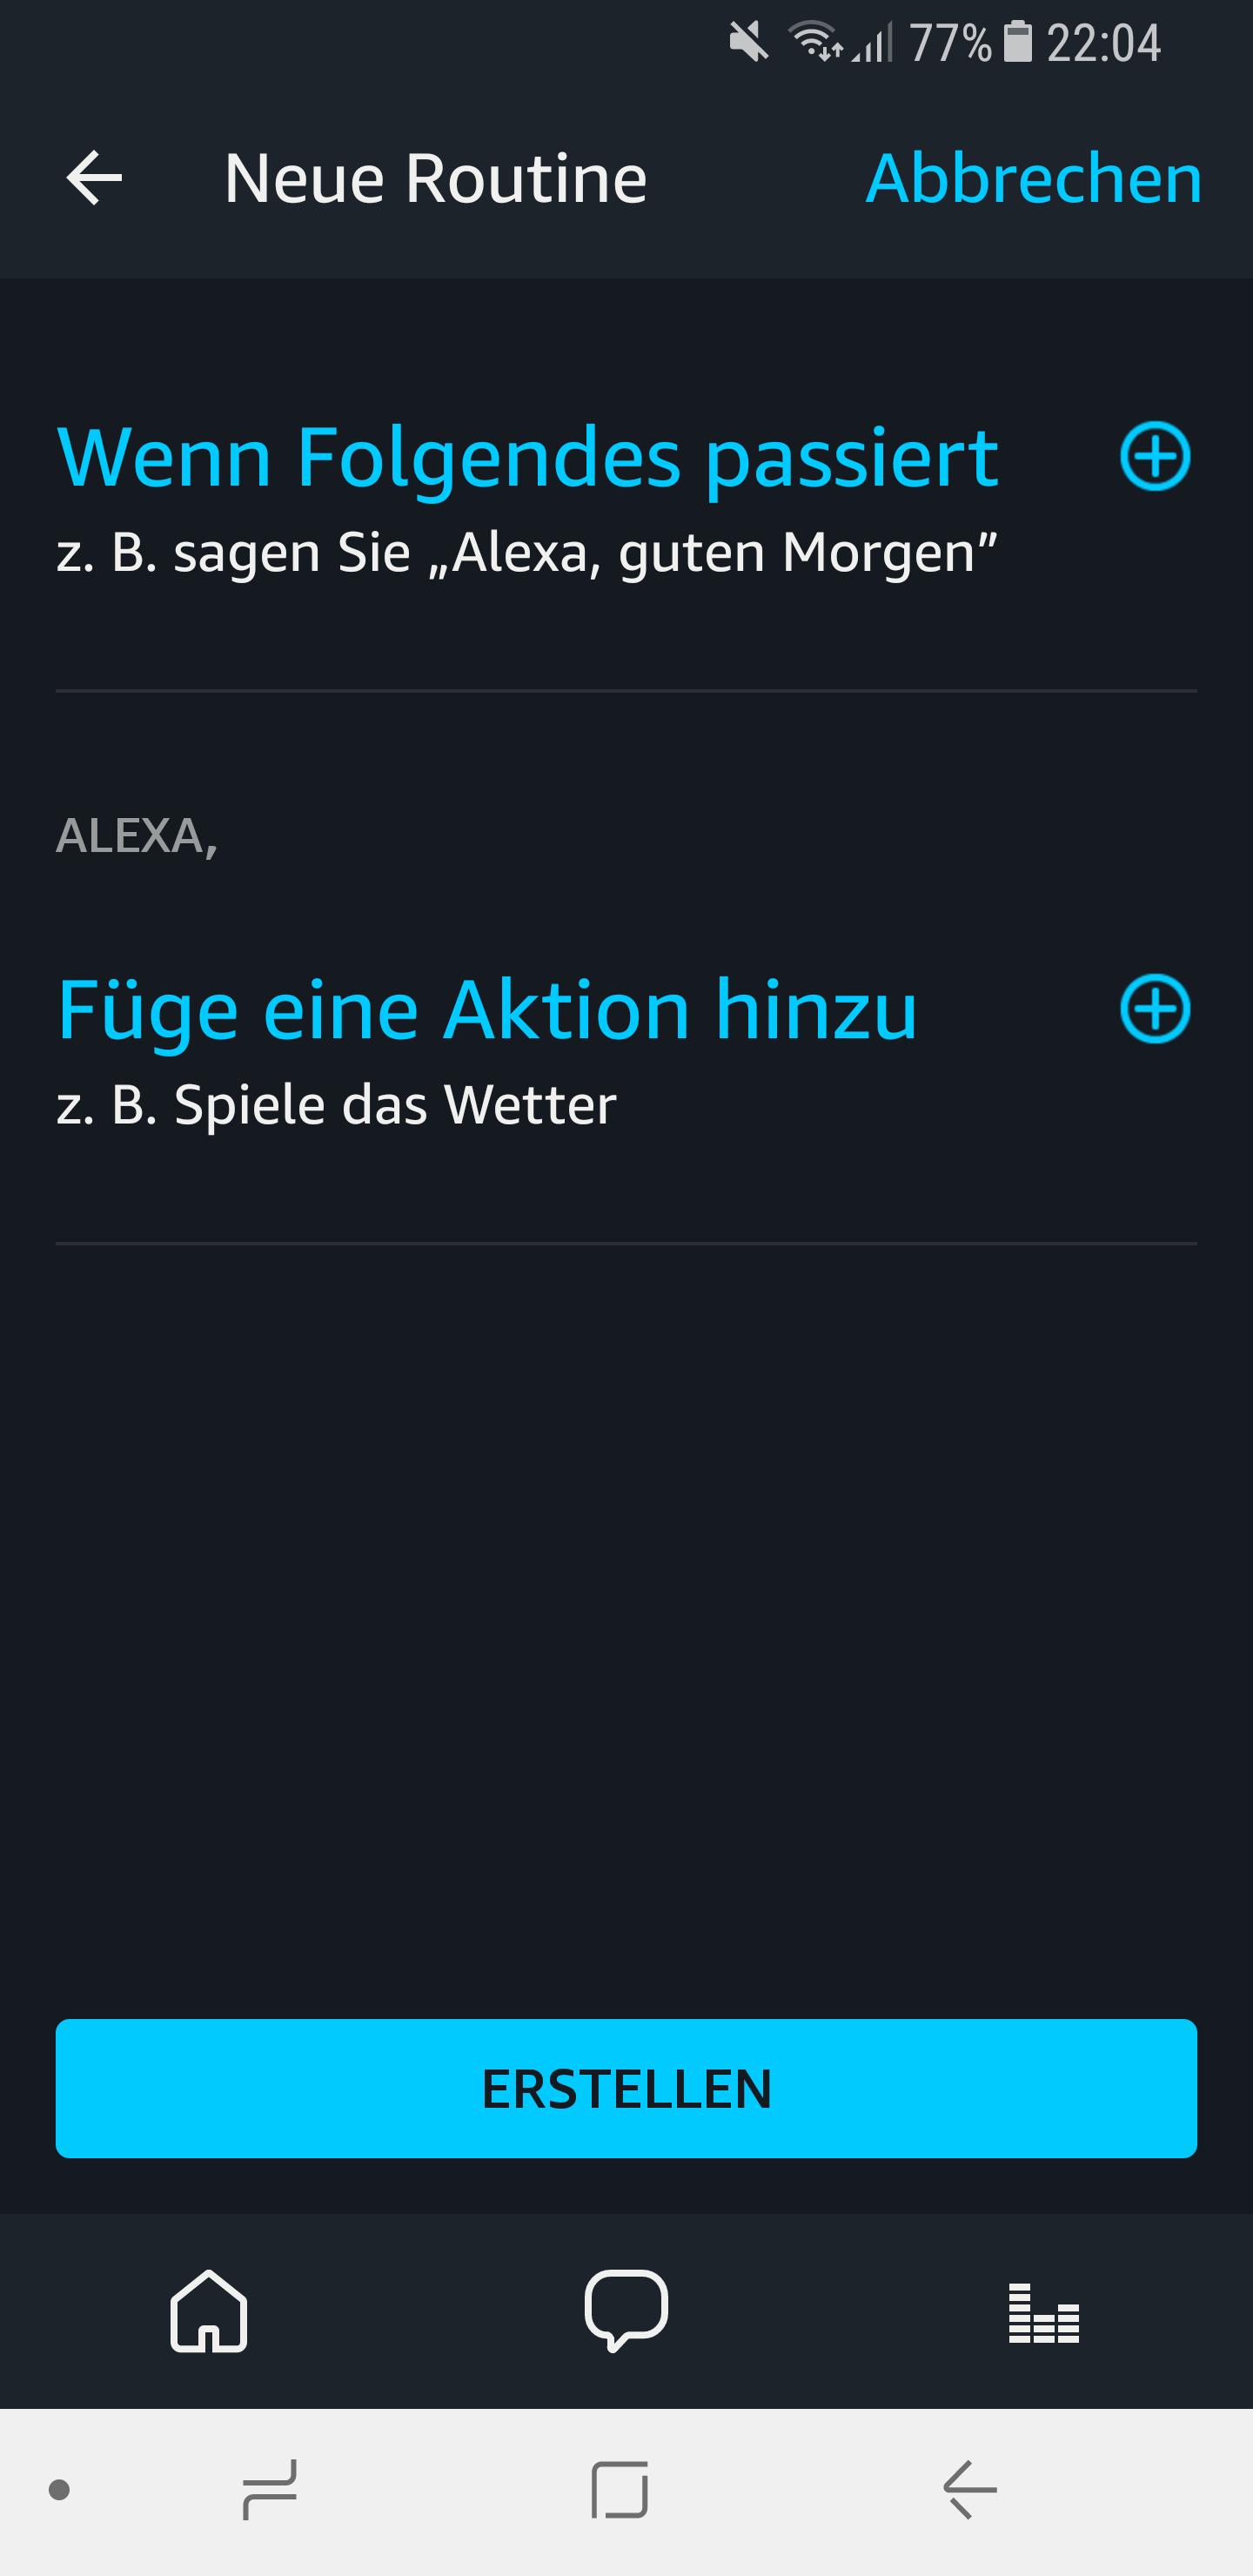 Routinen in der Amazon Alexa App einrichten und nutzen 3